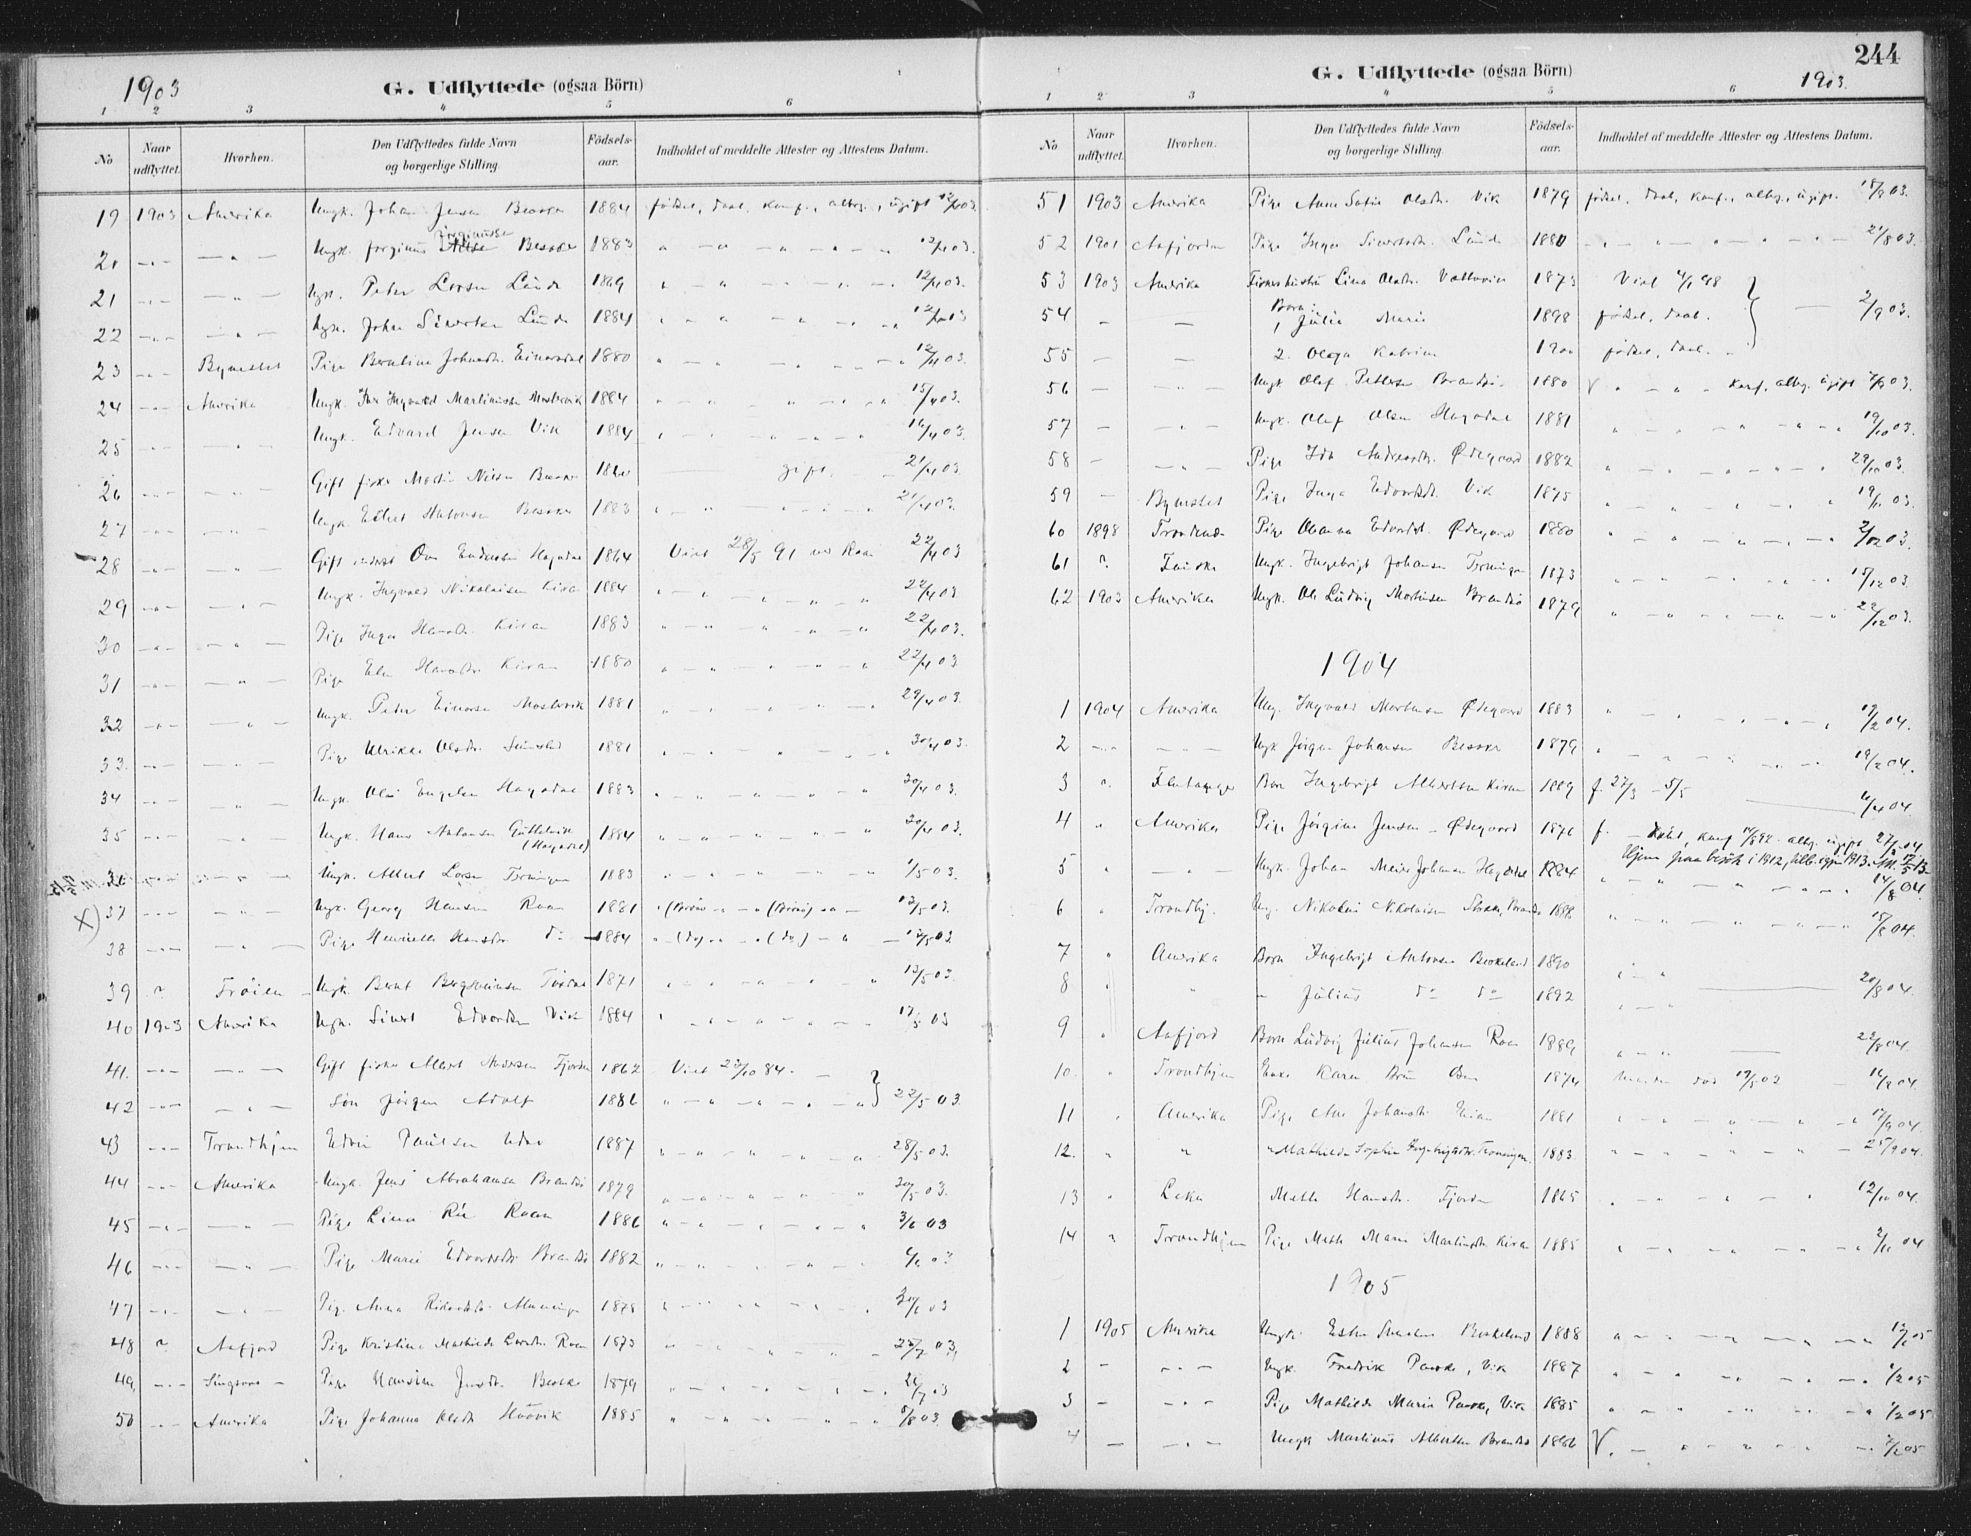 SAT, Ministerialprotokoller, klokkerbøker og fødselsregistre - Sør-Trøndelag, 657/L0708: Ministerialbok nr. 657A09, 1894-1904, s. 244